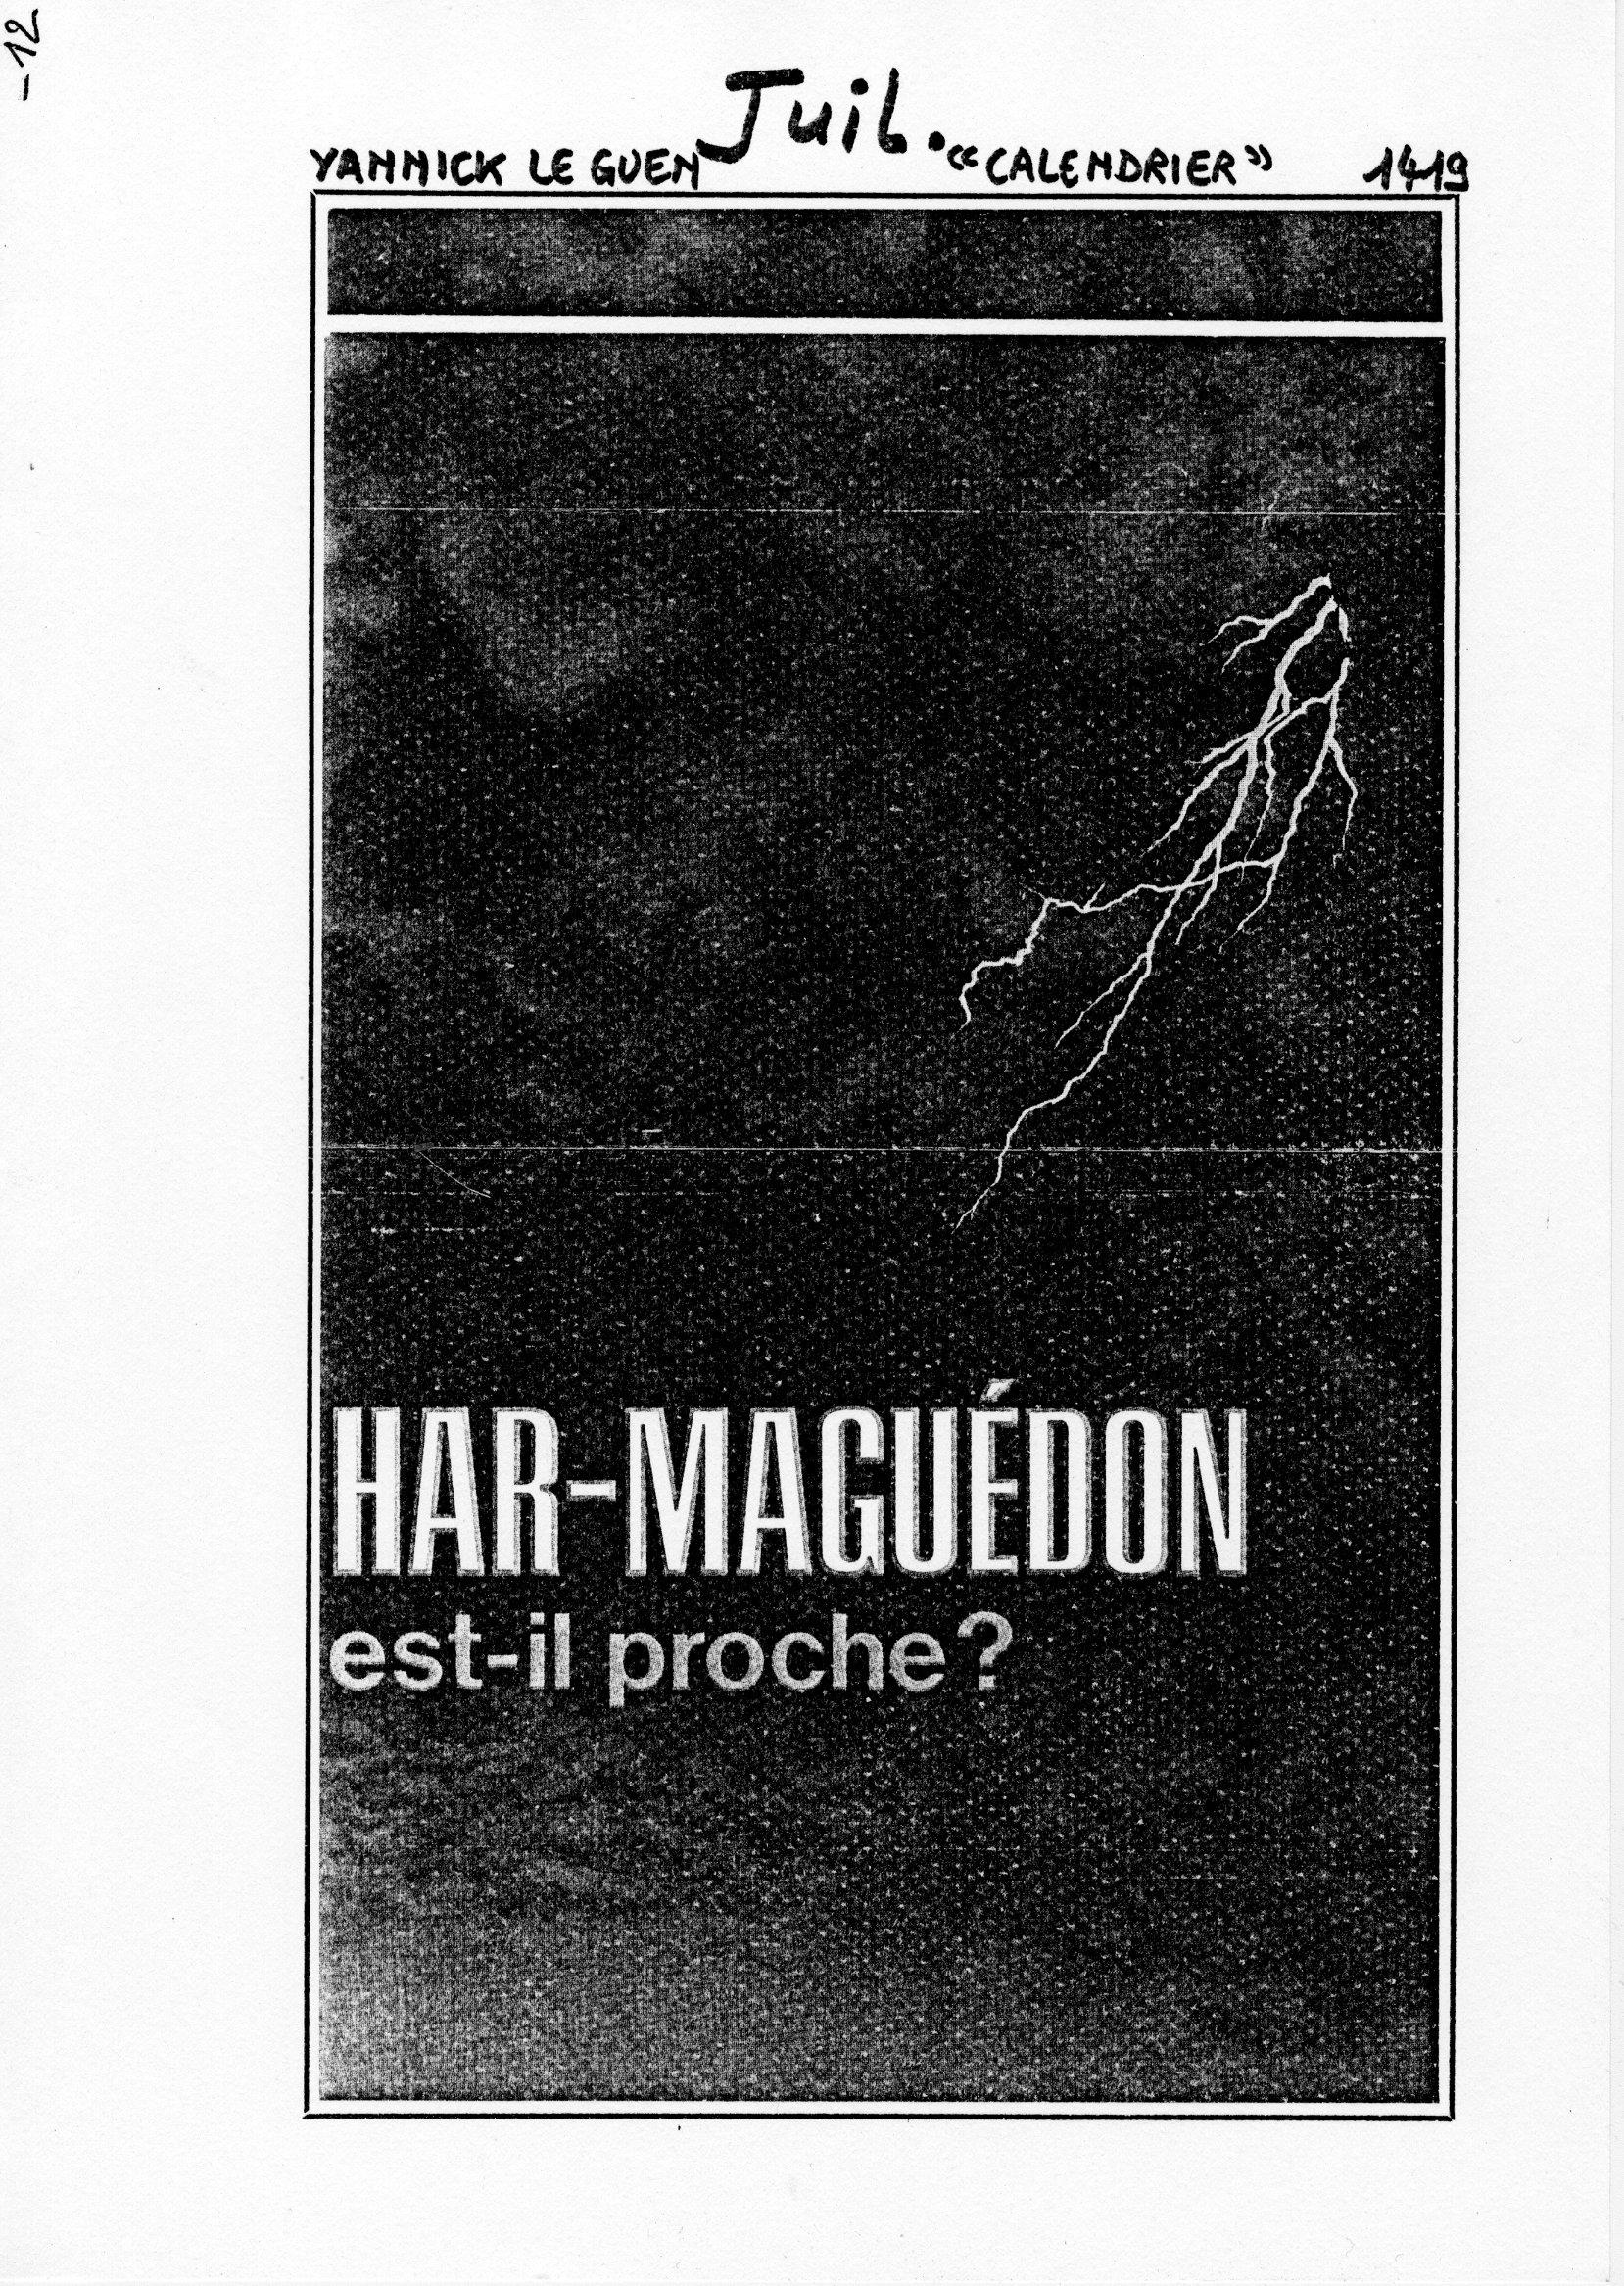 page 1419 Y. Leguen CALENDRIER